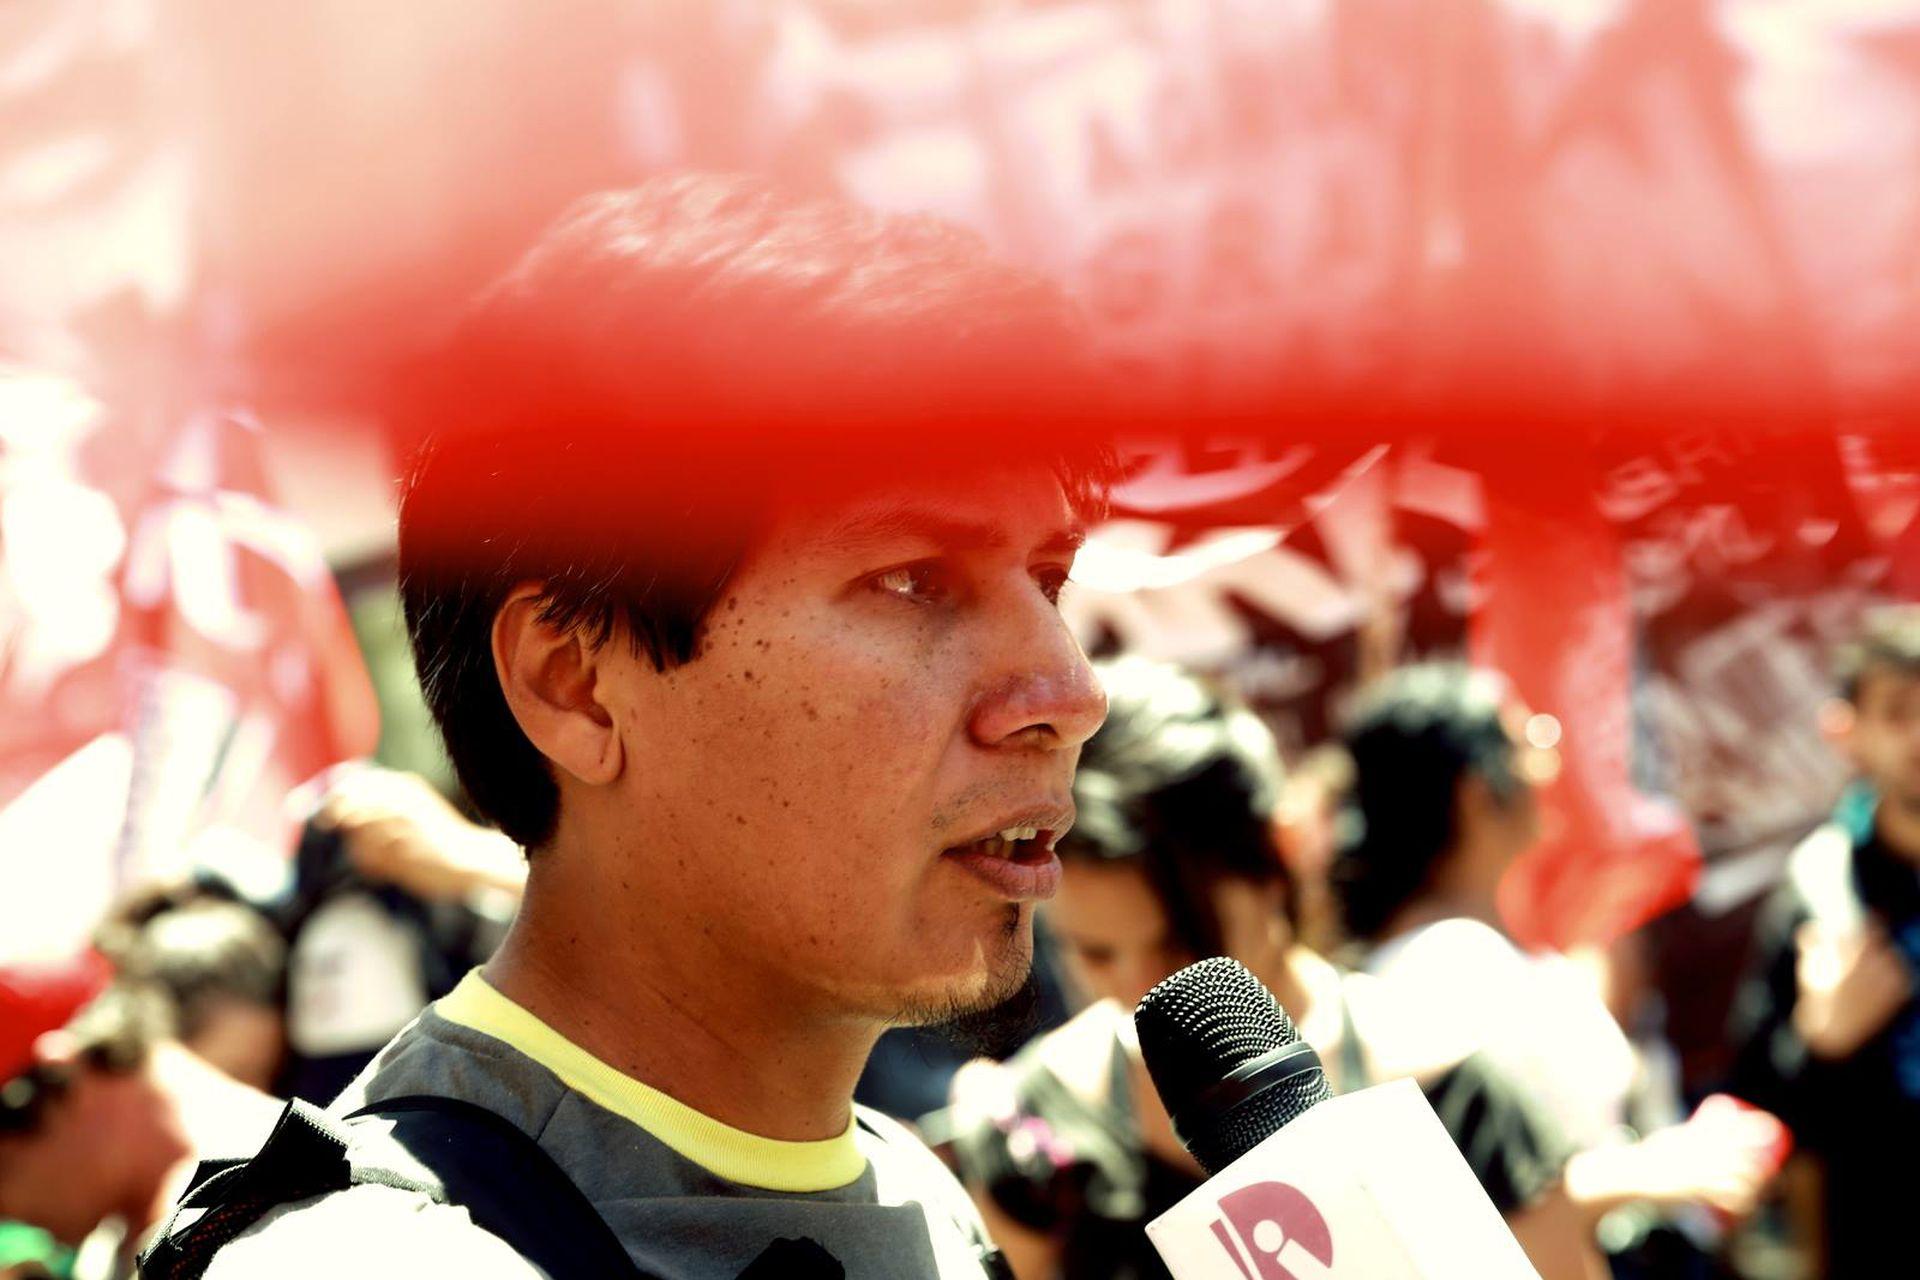 El candidato a diputado nacional comenzó a participar de manifestaciones sociales cuando era adolescente